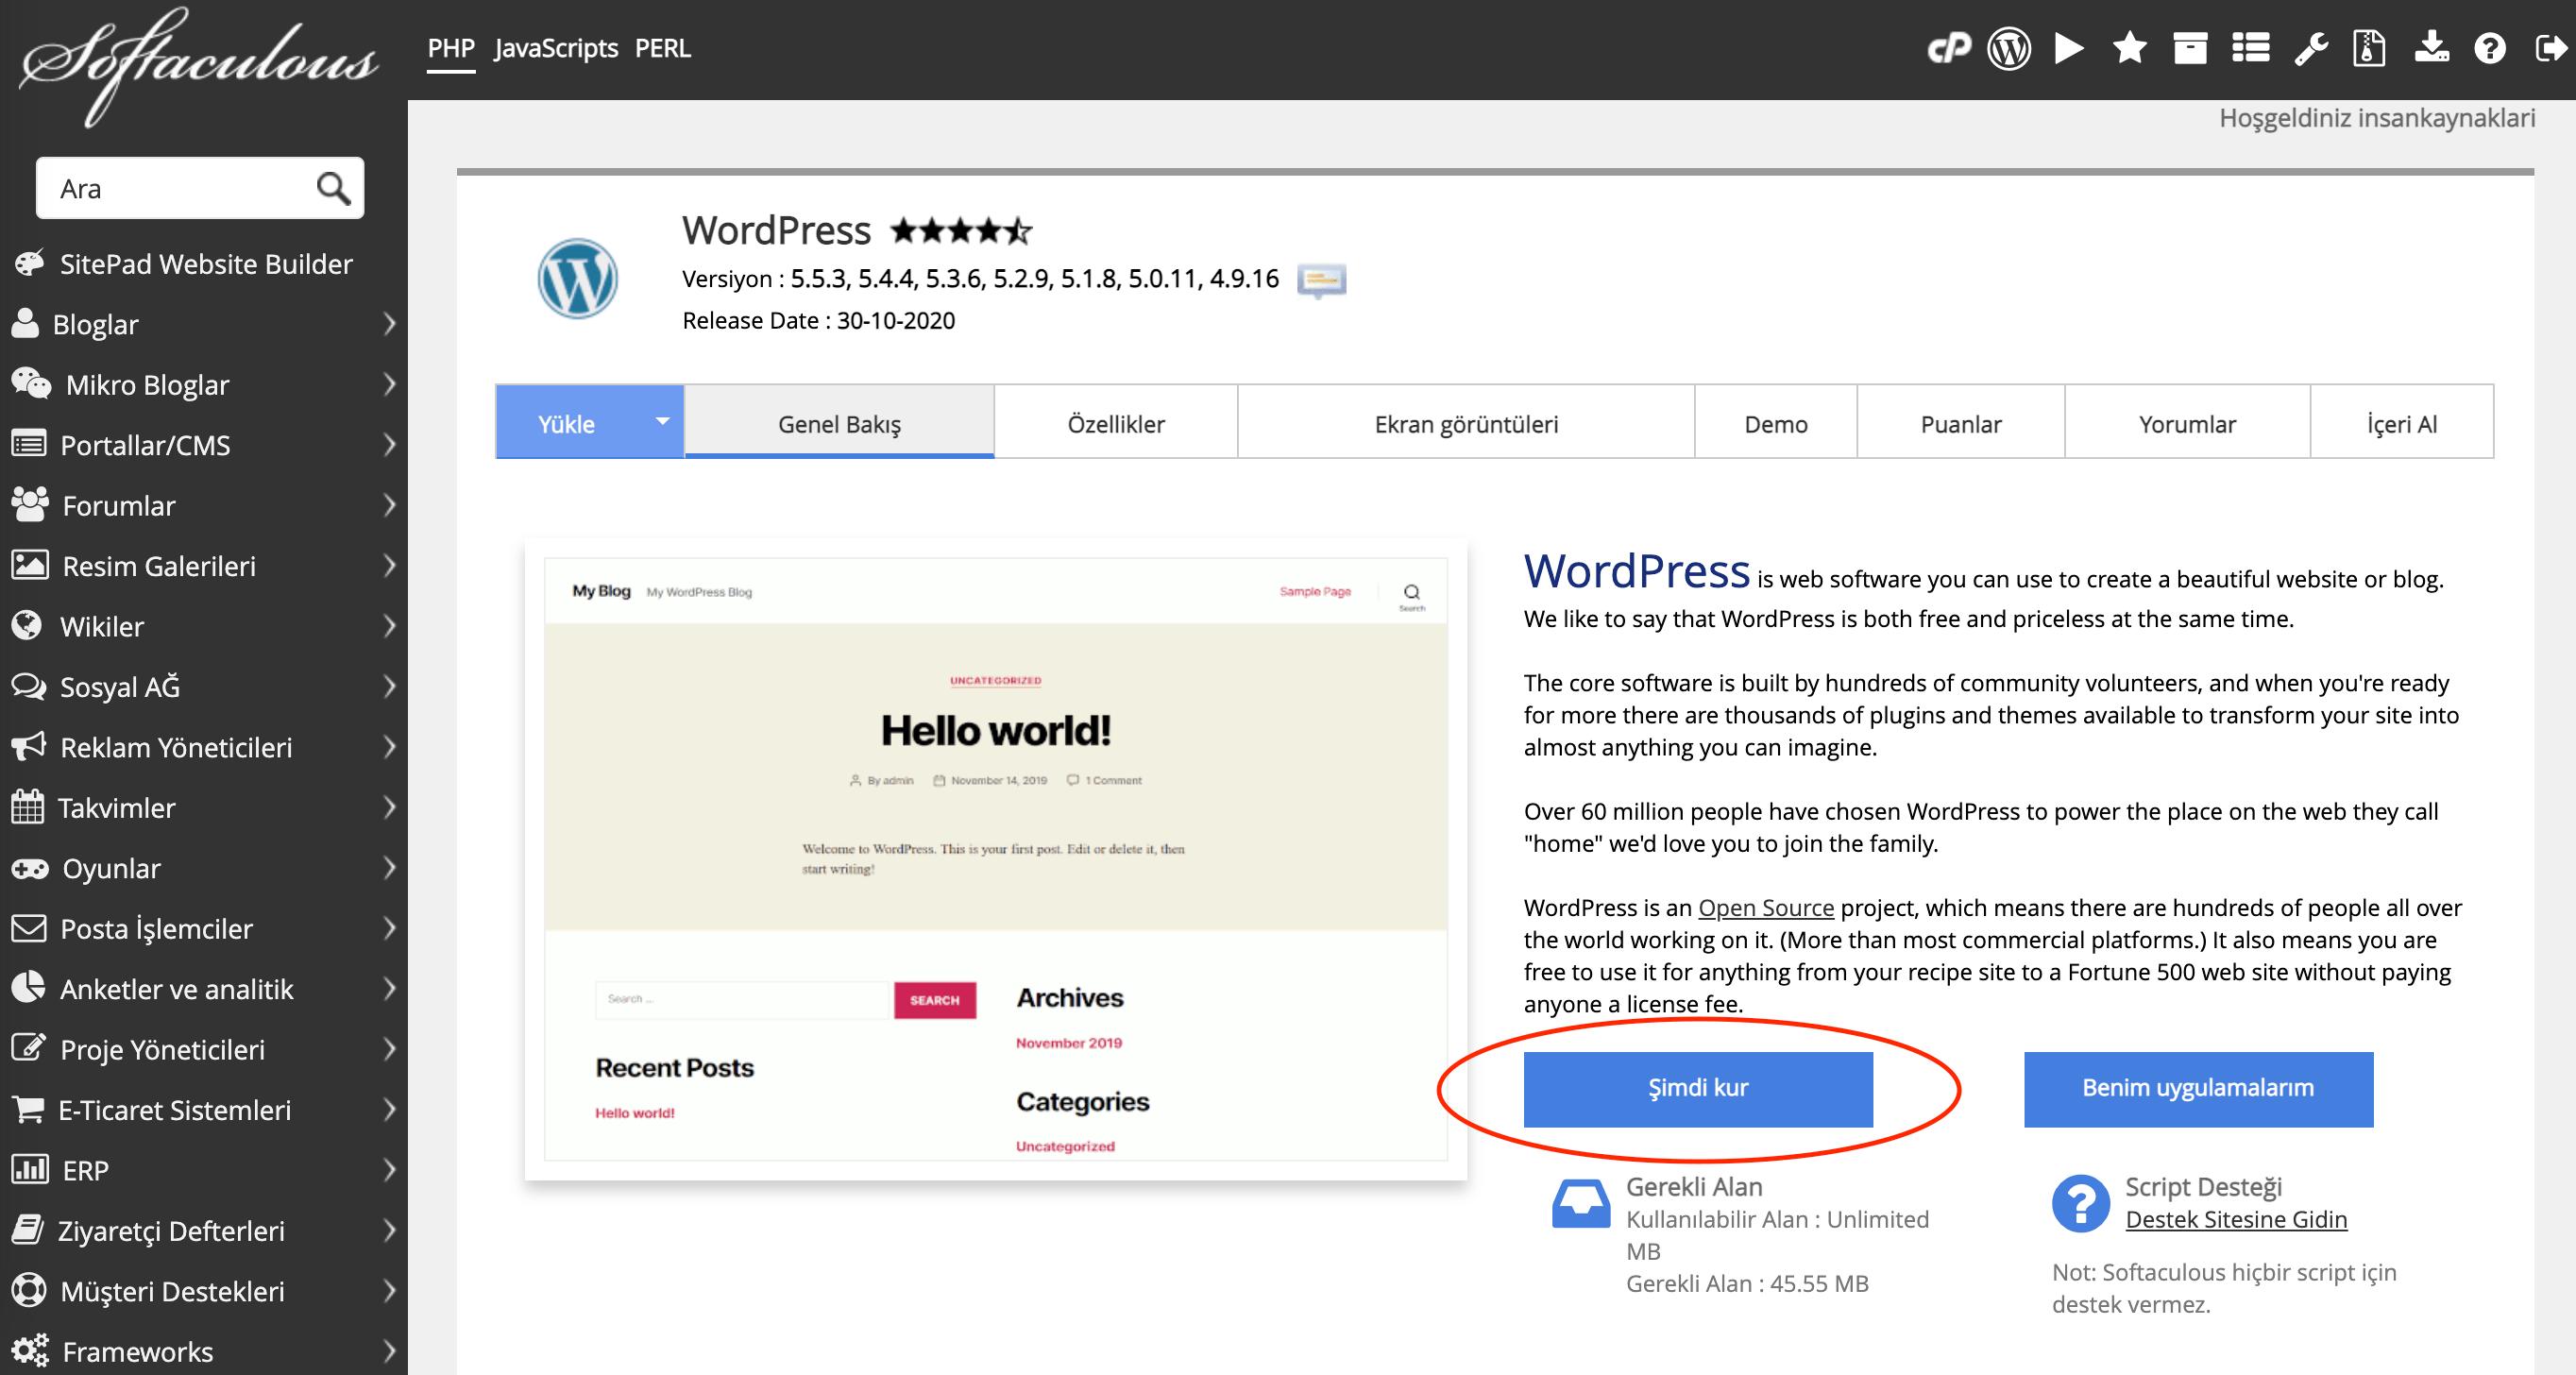 Softaculous Otomatik WordPress Yükleme Asistanı ile WordPress Kurulumu